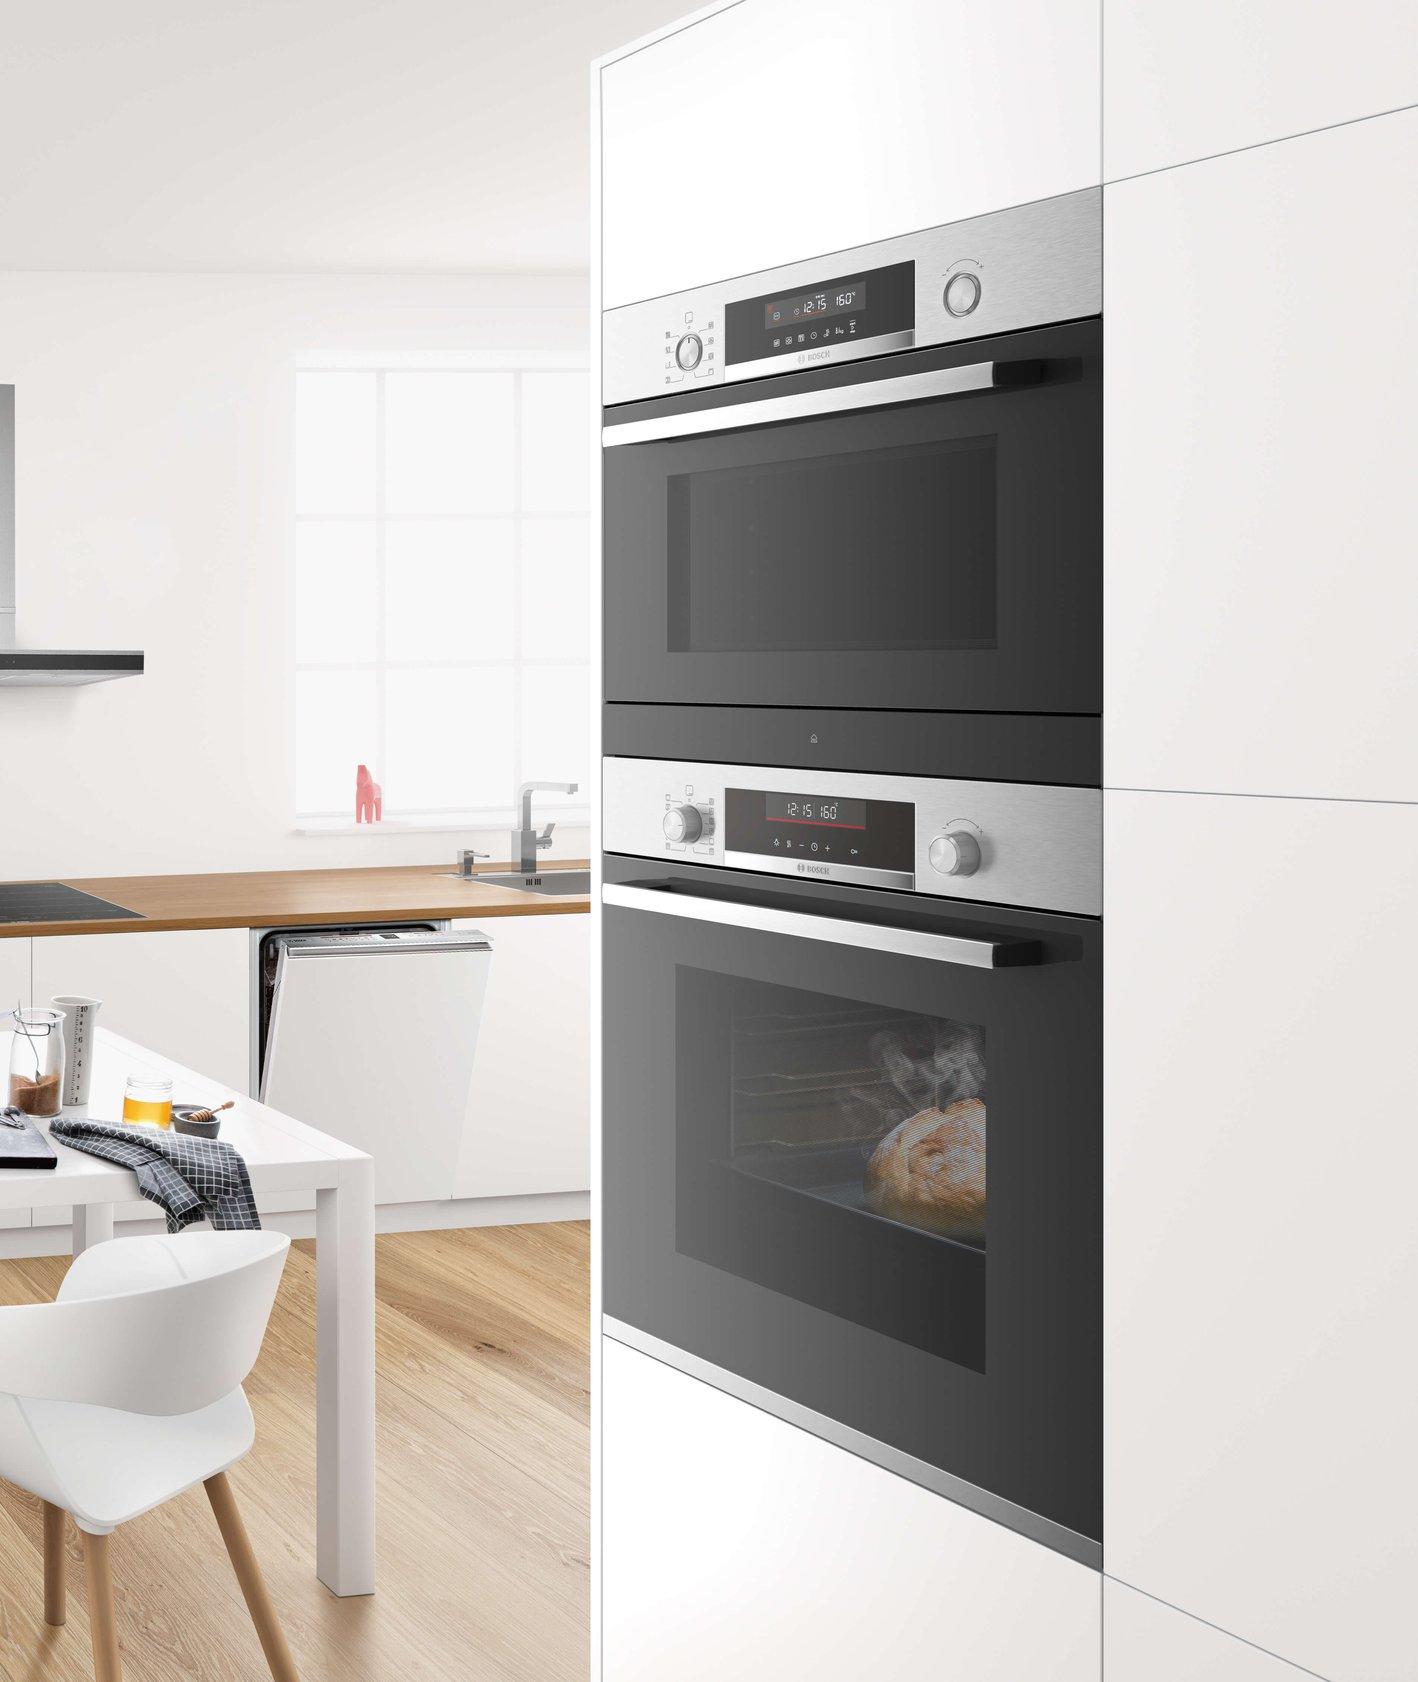 Piekarnik Bosch HRA3380S1 w kuchni (fot. materiały prasowe)